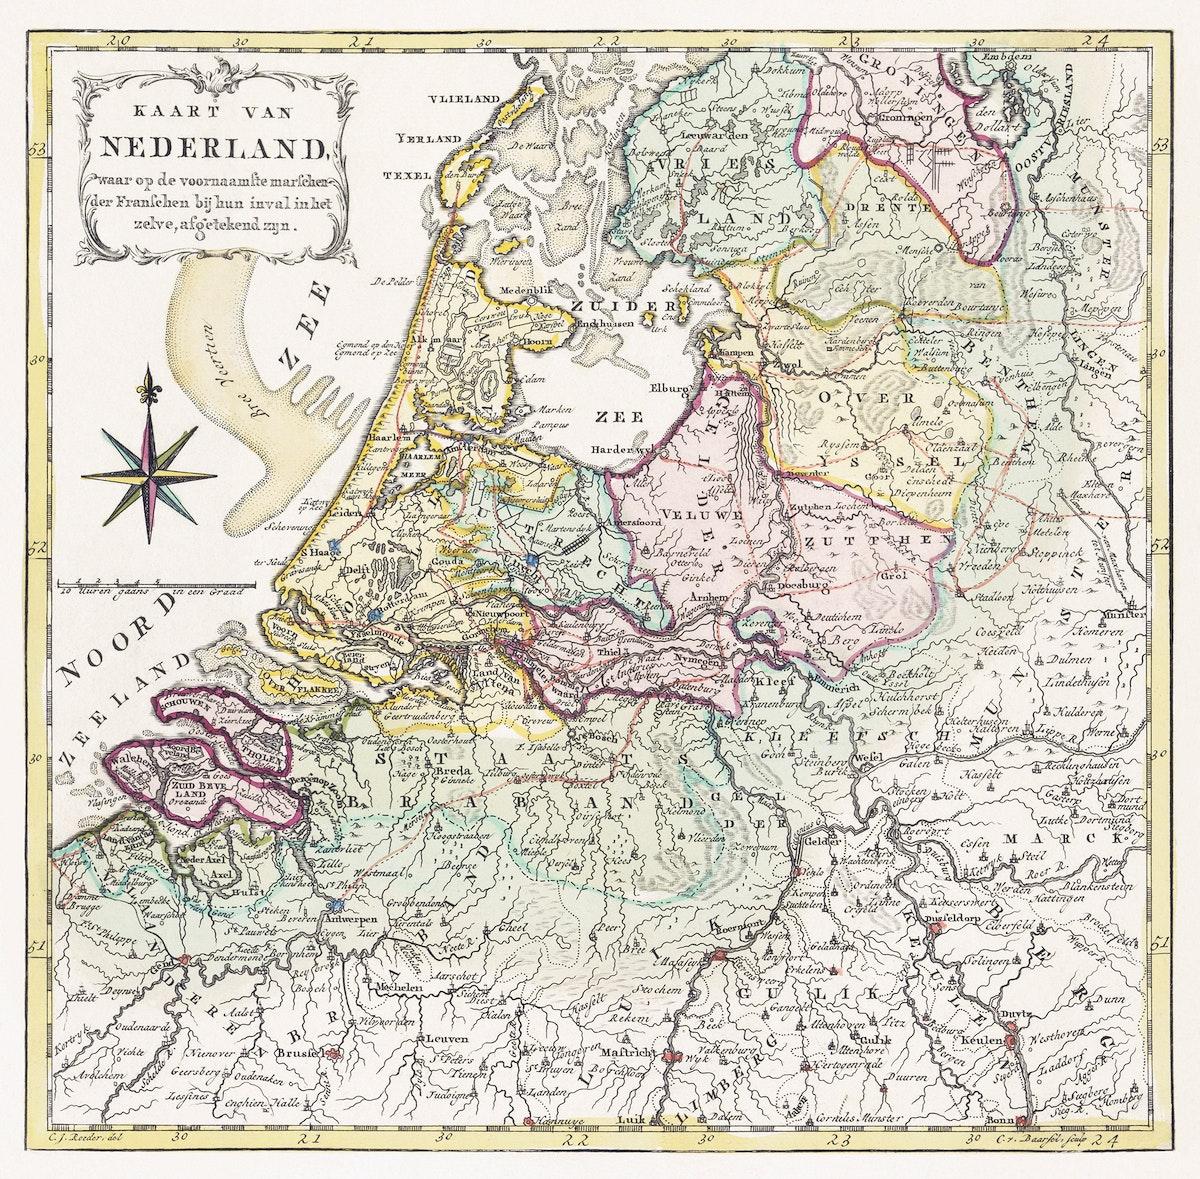 Kaart van Nederland met de marsroutes van het Franse leger (1792) by Cornelis van Baarsel. Original from The Rijksmuseum.…